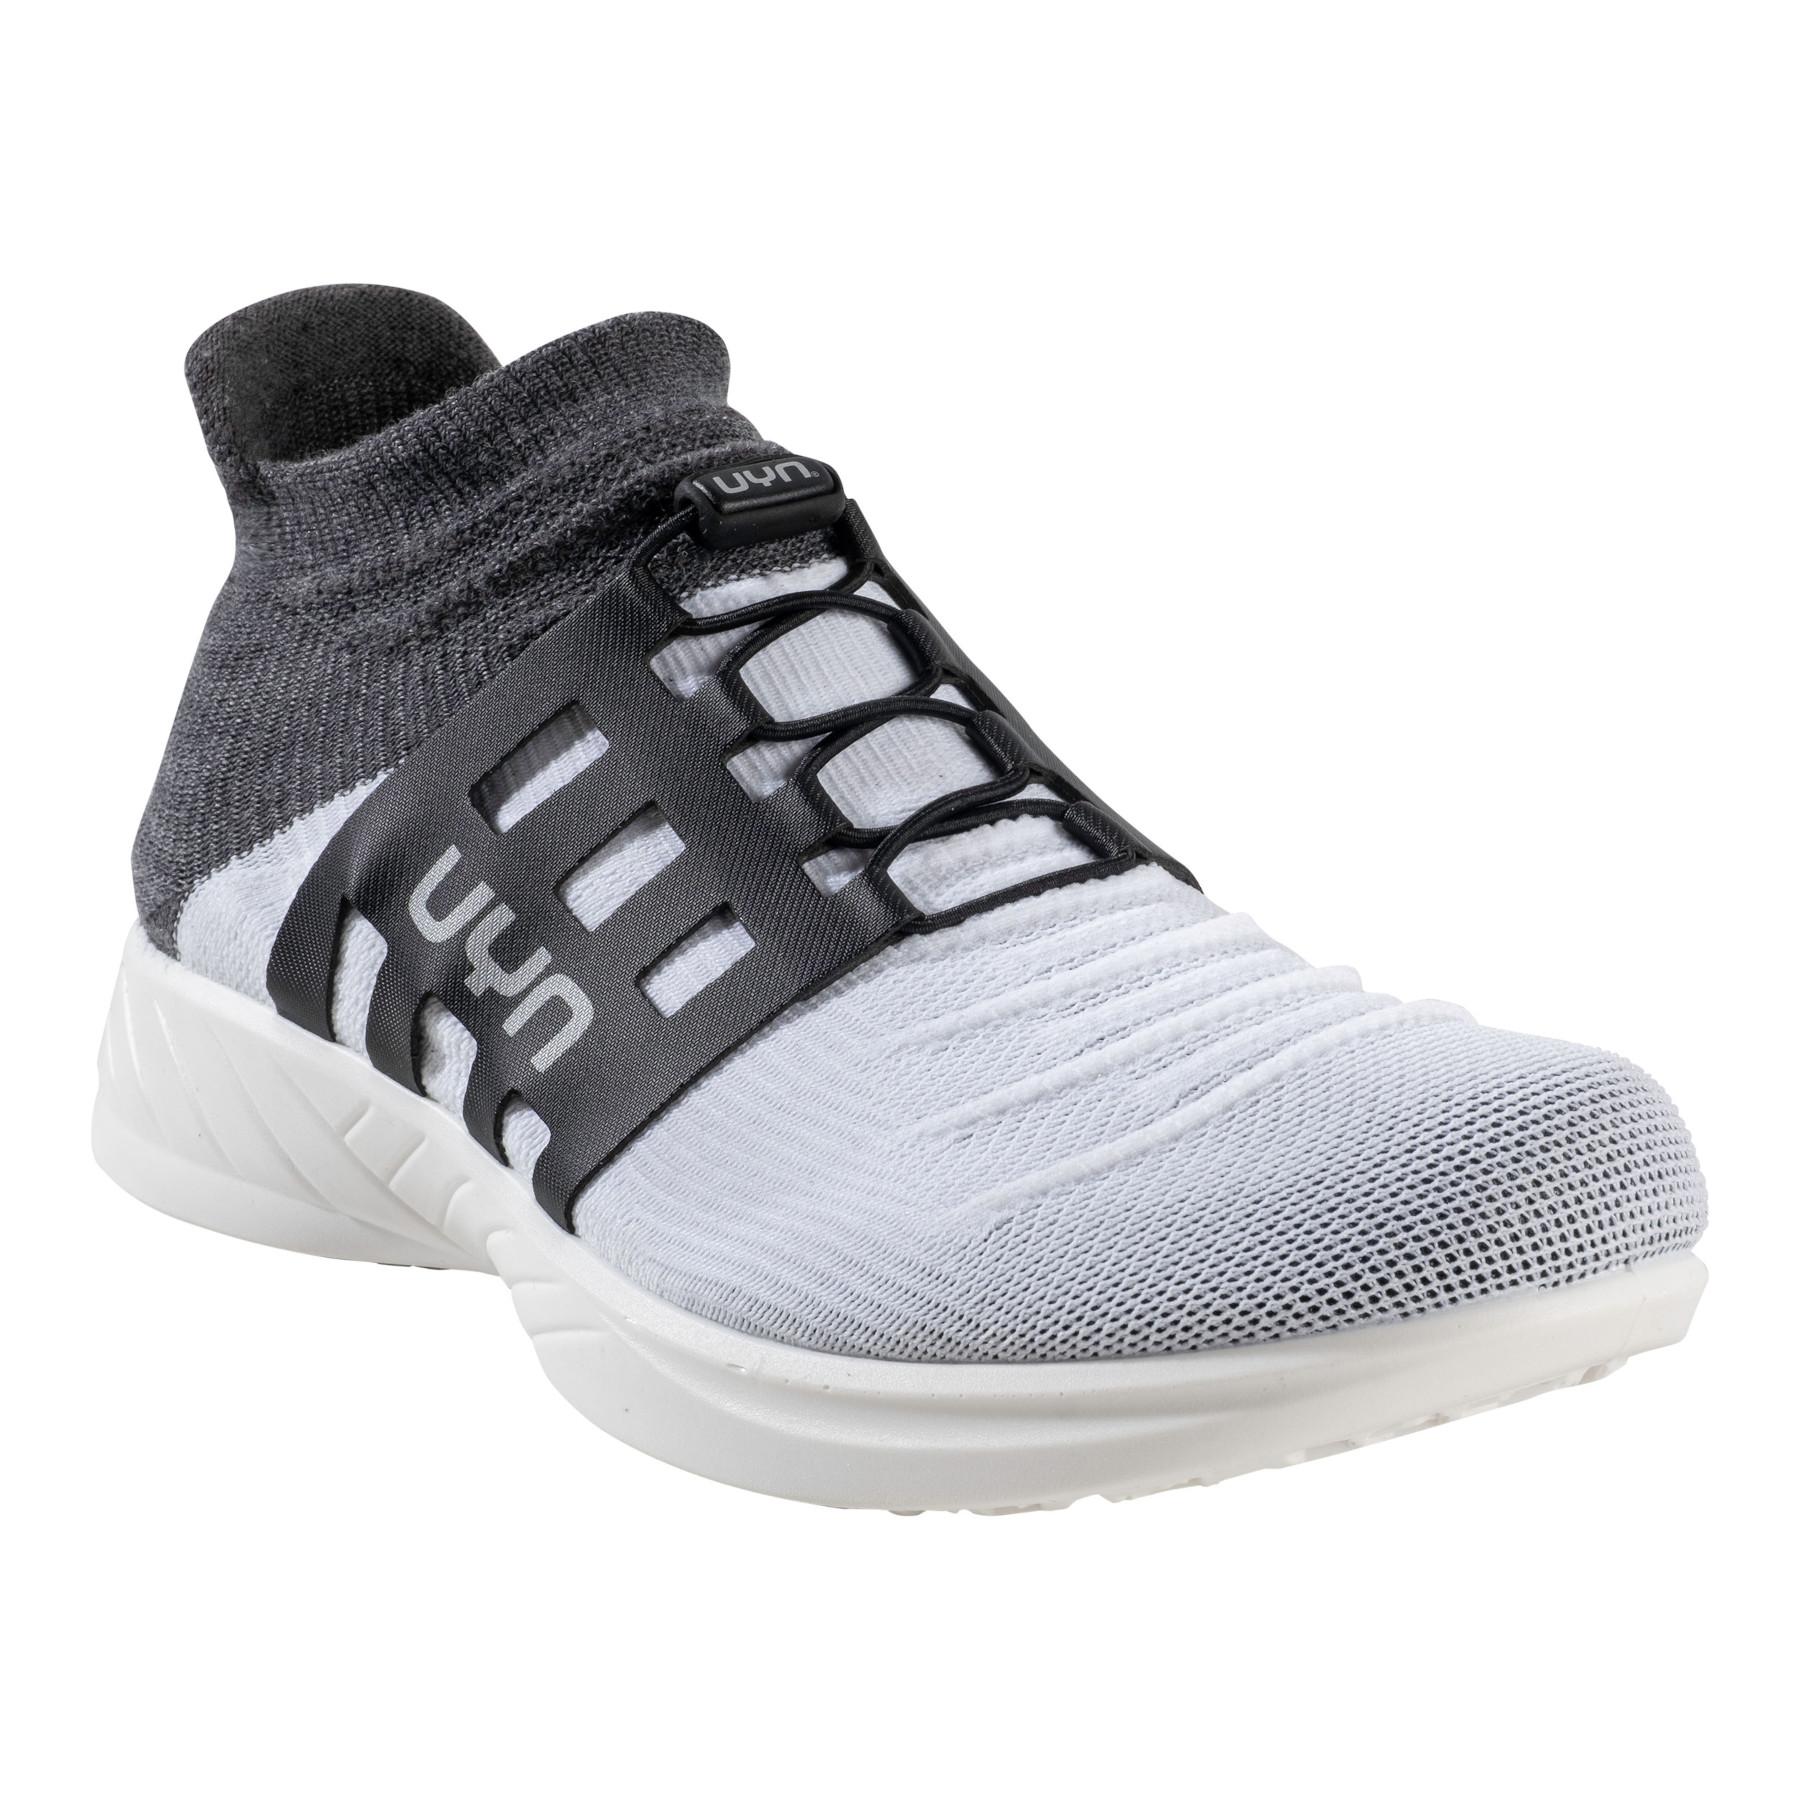 UYN X-Cross Tune Man Running Shoes - White/Grey